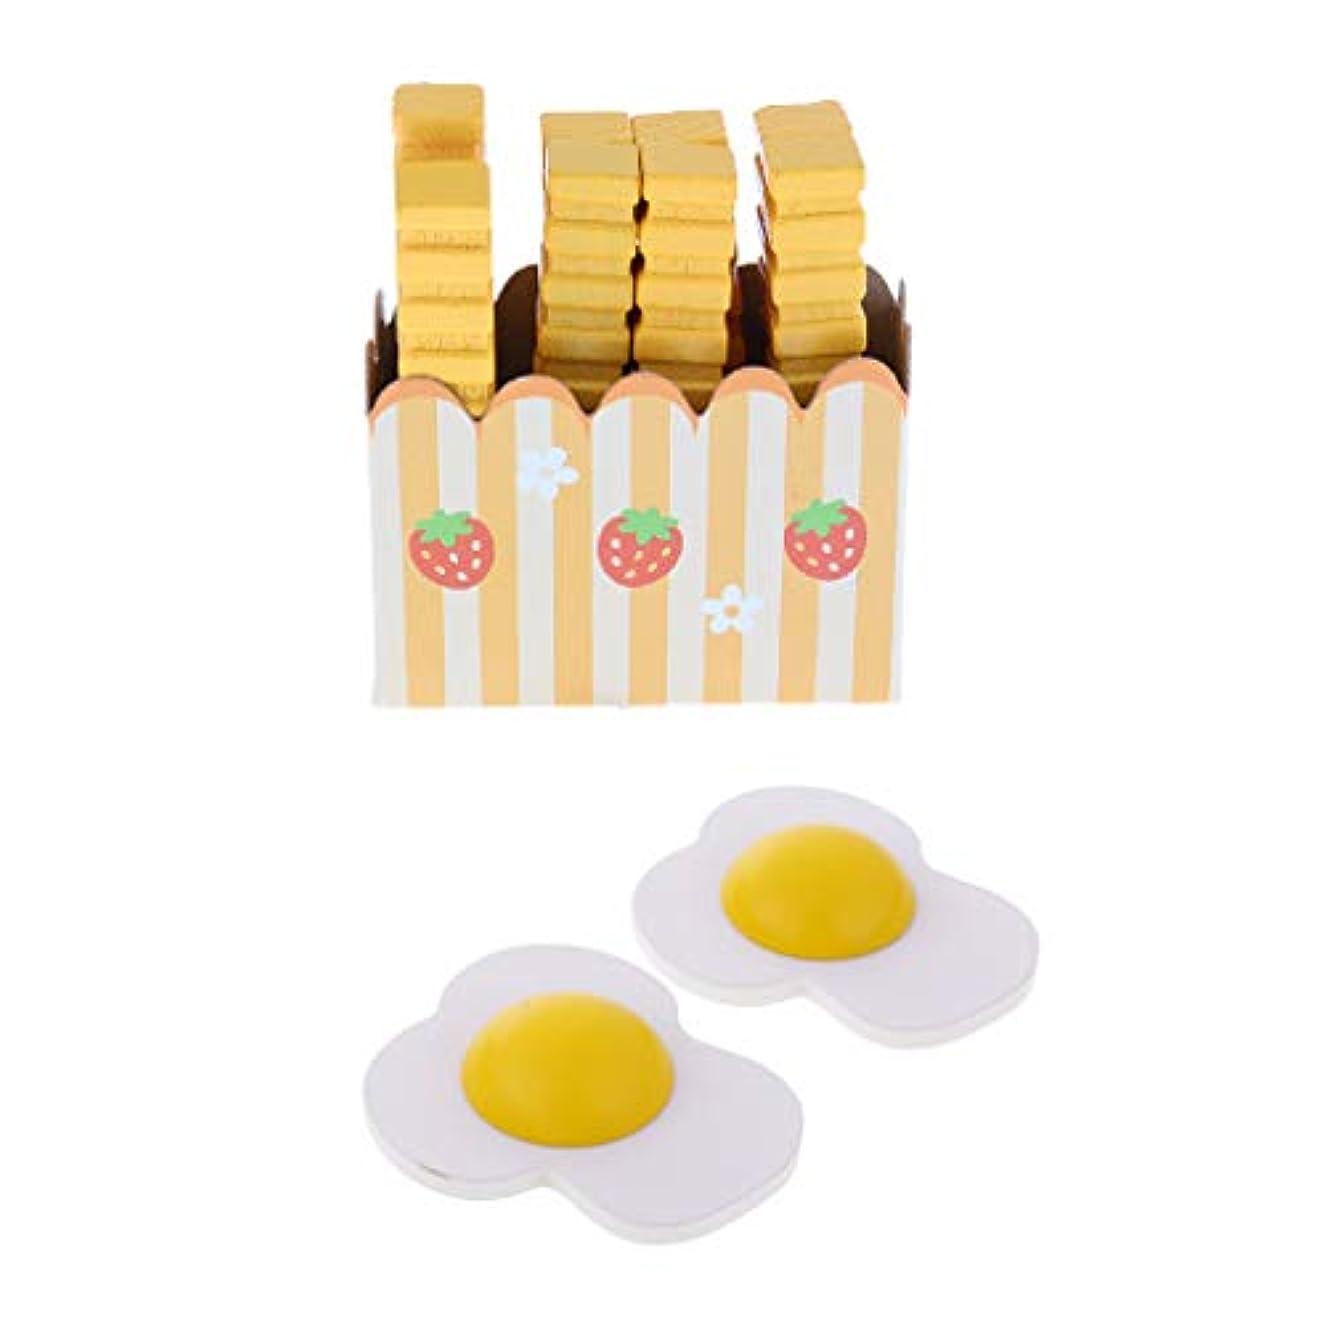 強風どこにも脱獄Toygogo ふりをするキッチンプレイ食品磁気卵&フライドポテトチップ木製教育子供就学前再利用可能なおもちゃ